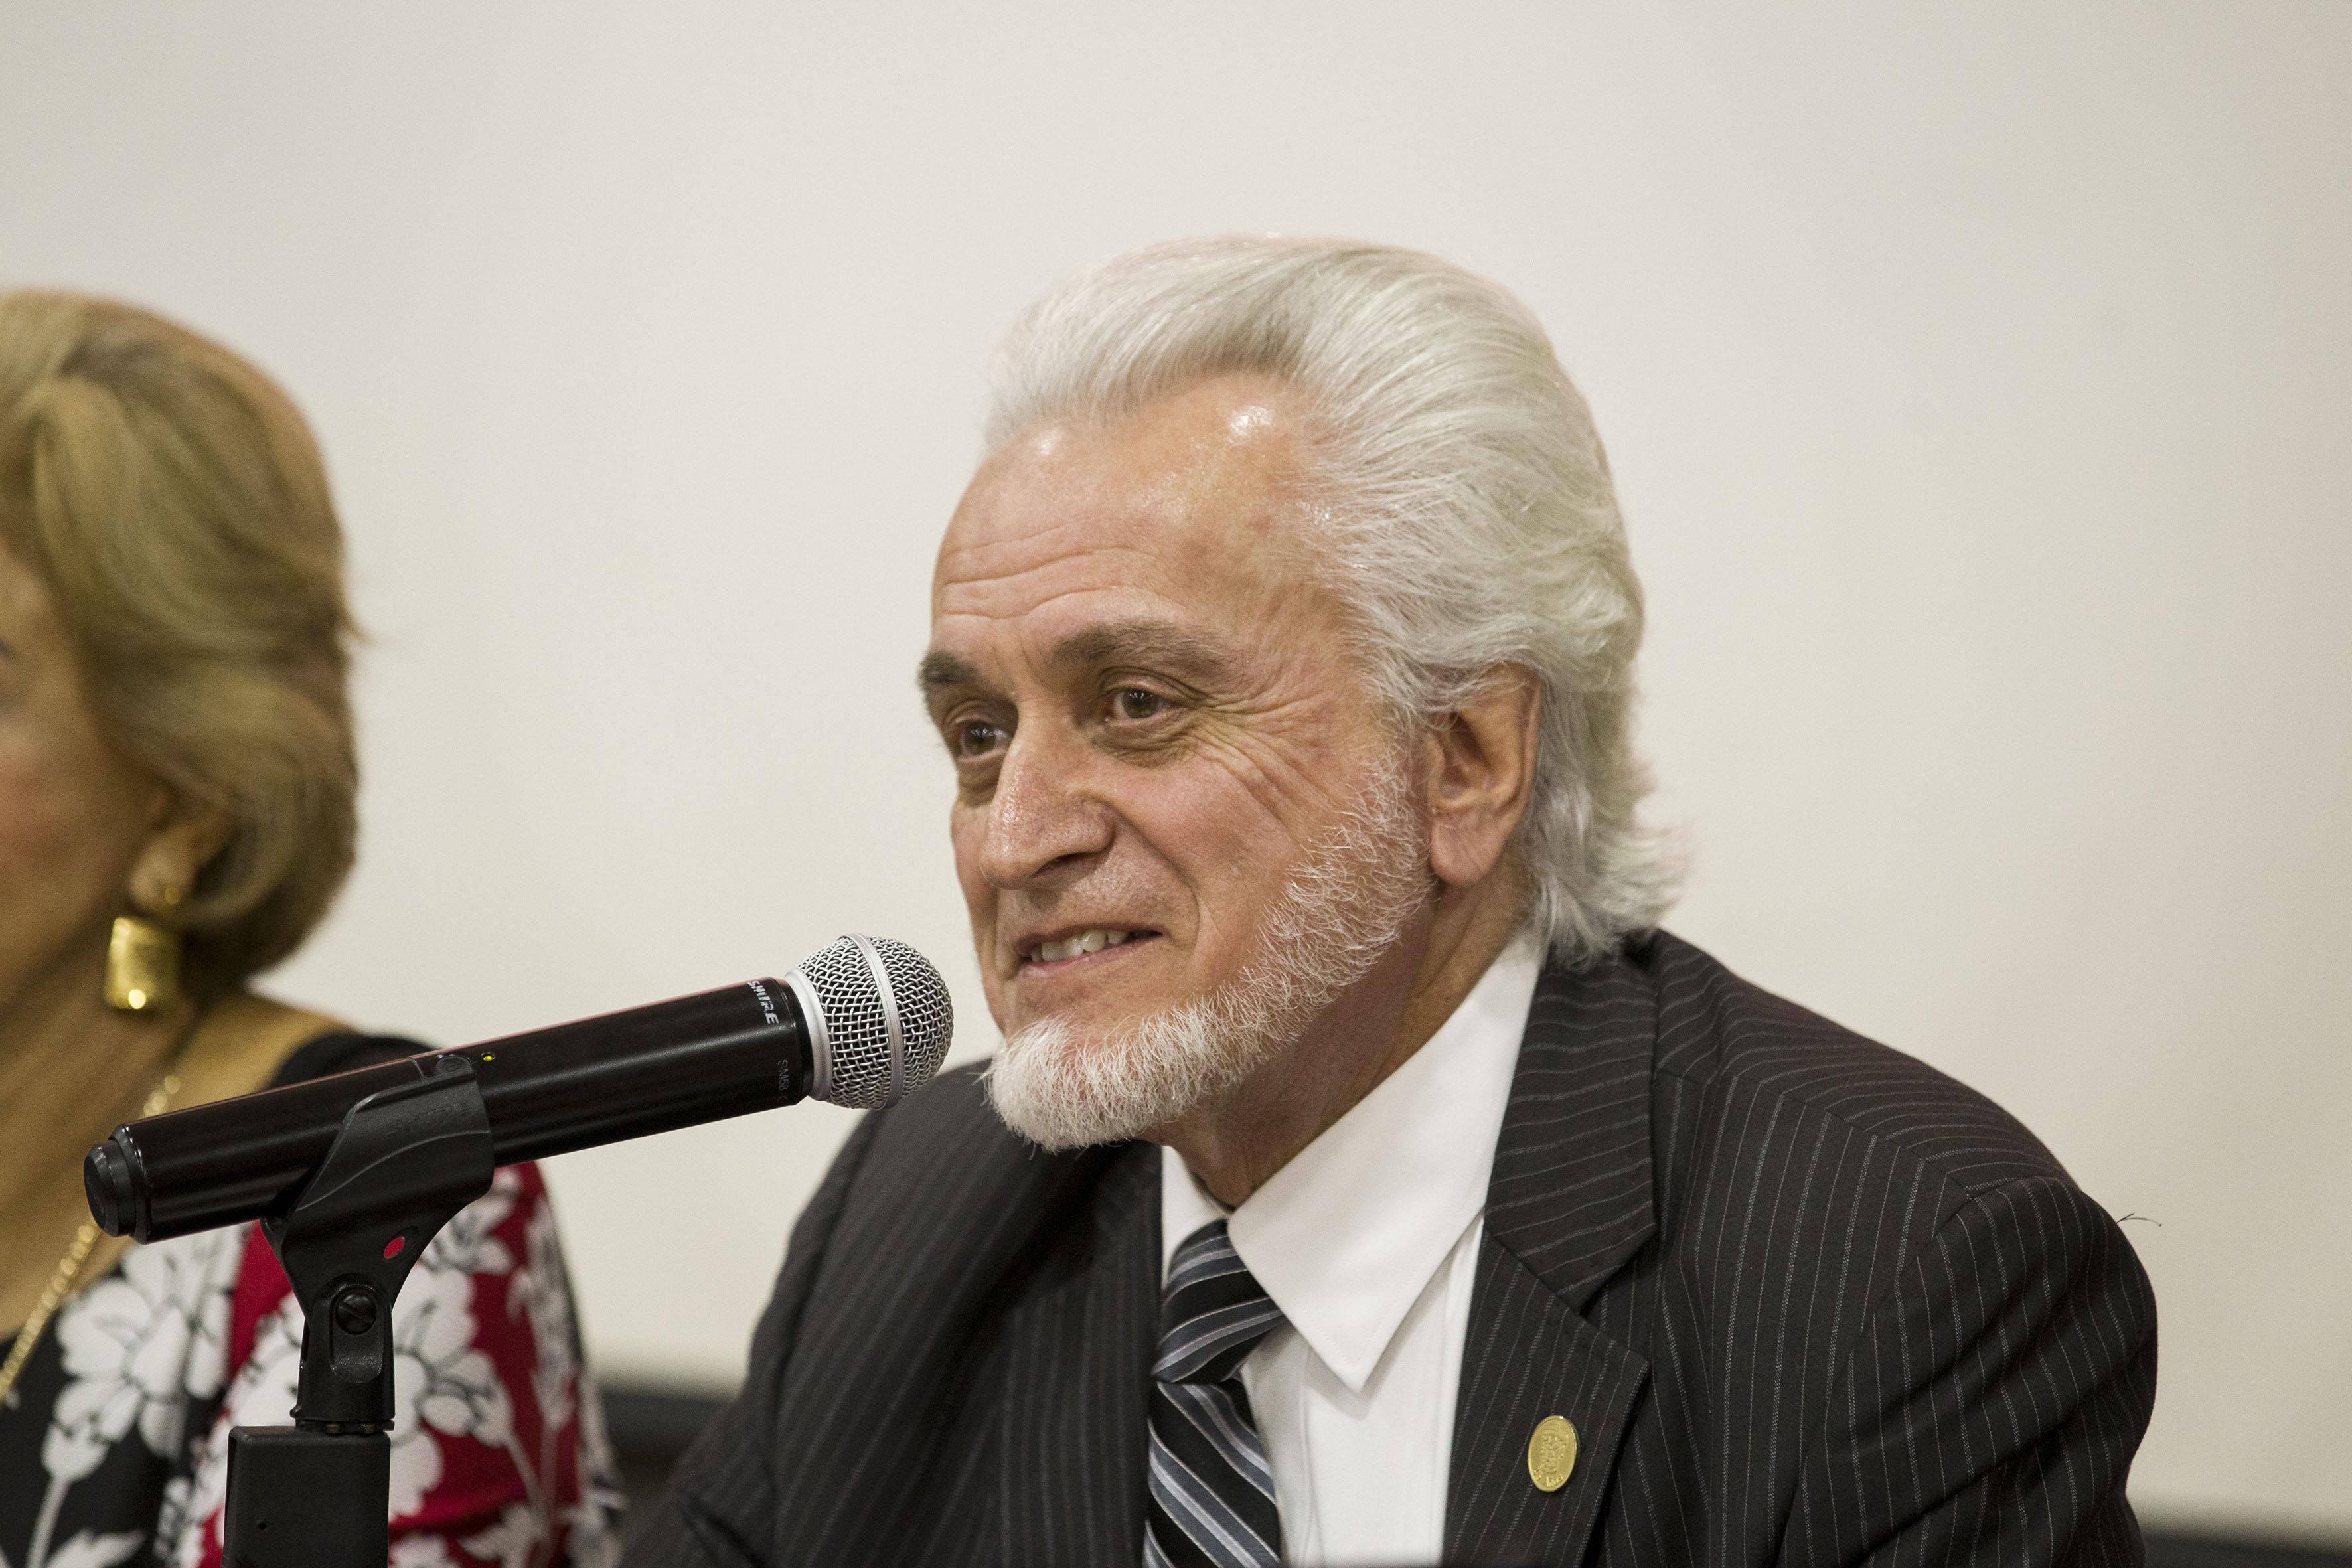 Director de la Preparatoria 5, maestro José Manuel Jurado Parres, haciendo uso de la palabra durante foro de discusión.